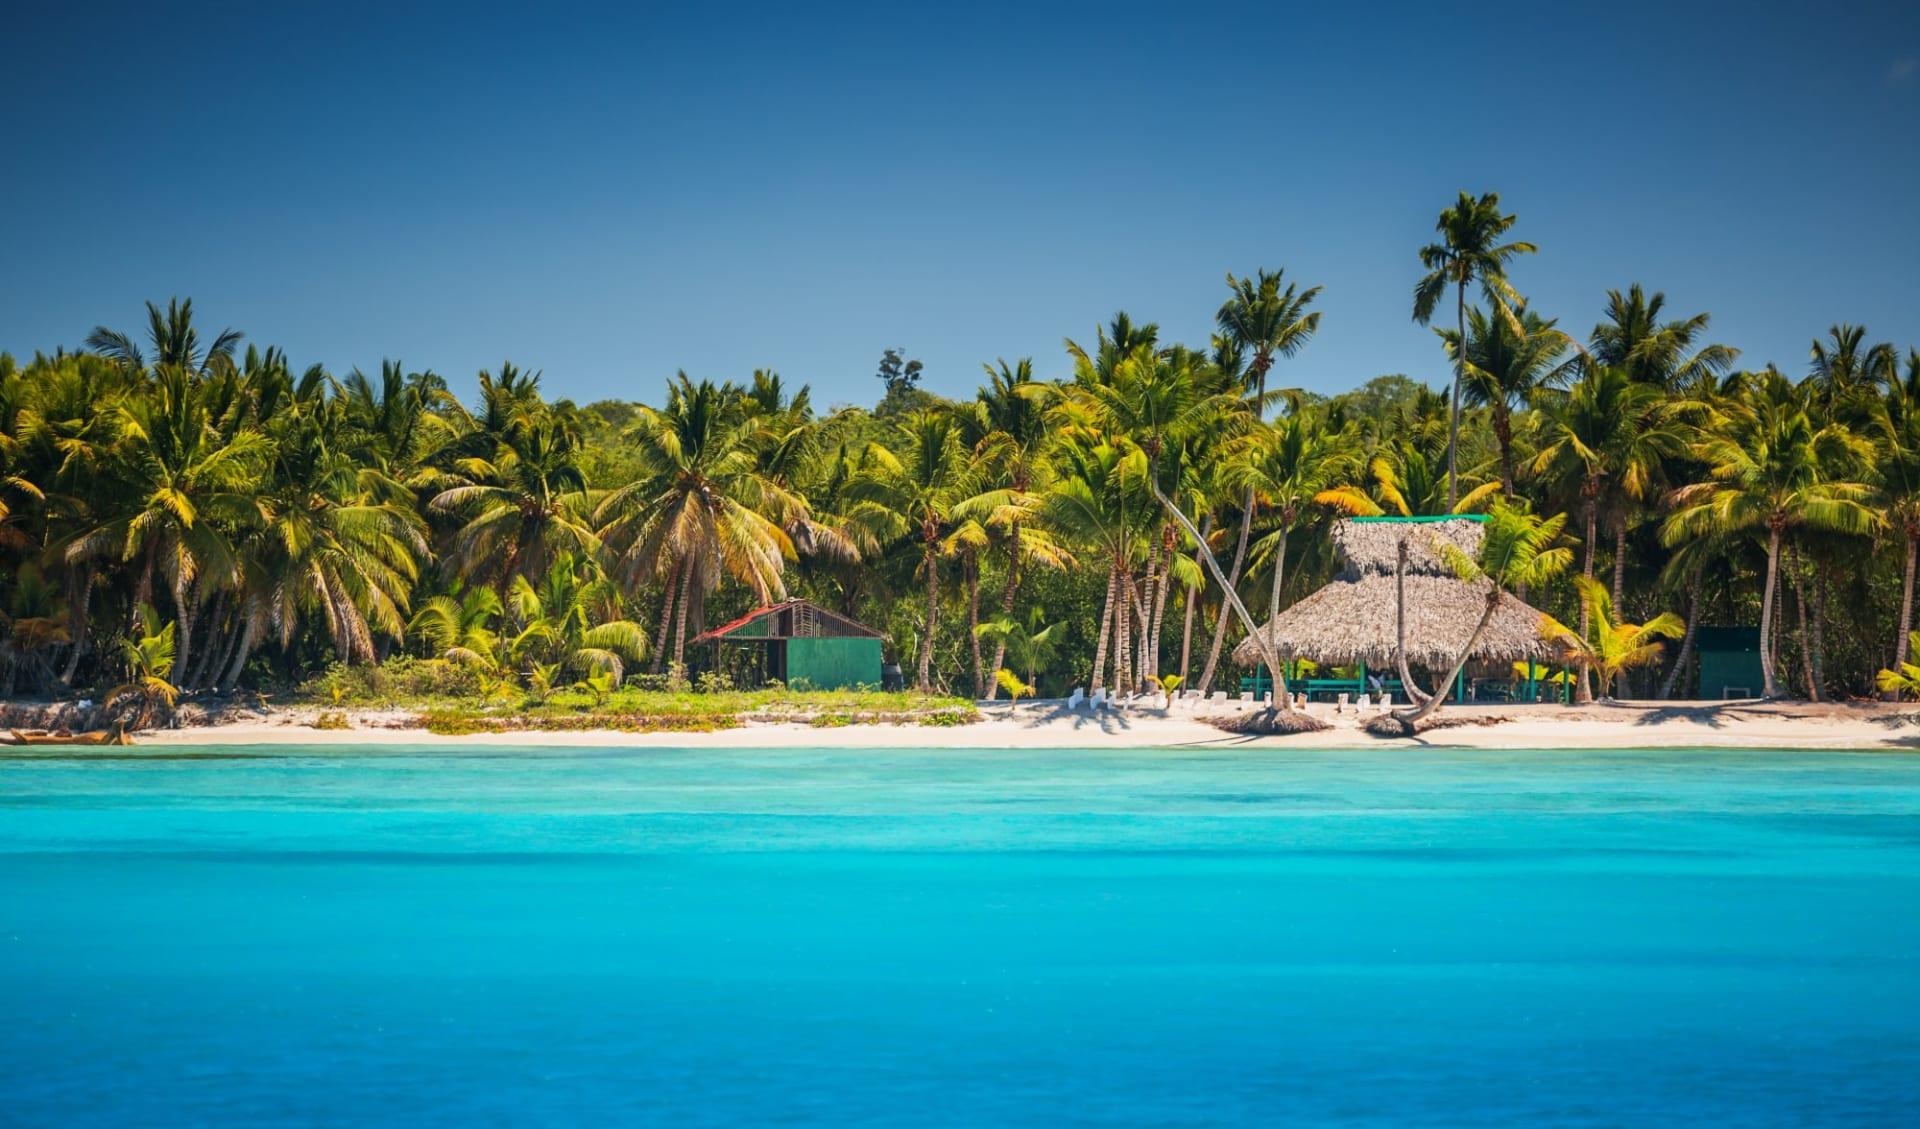 Unbekannter Osten ab Punta Cana: Dominikanische Republik - Punta Cana - türkises Wasser und Palmen